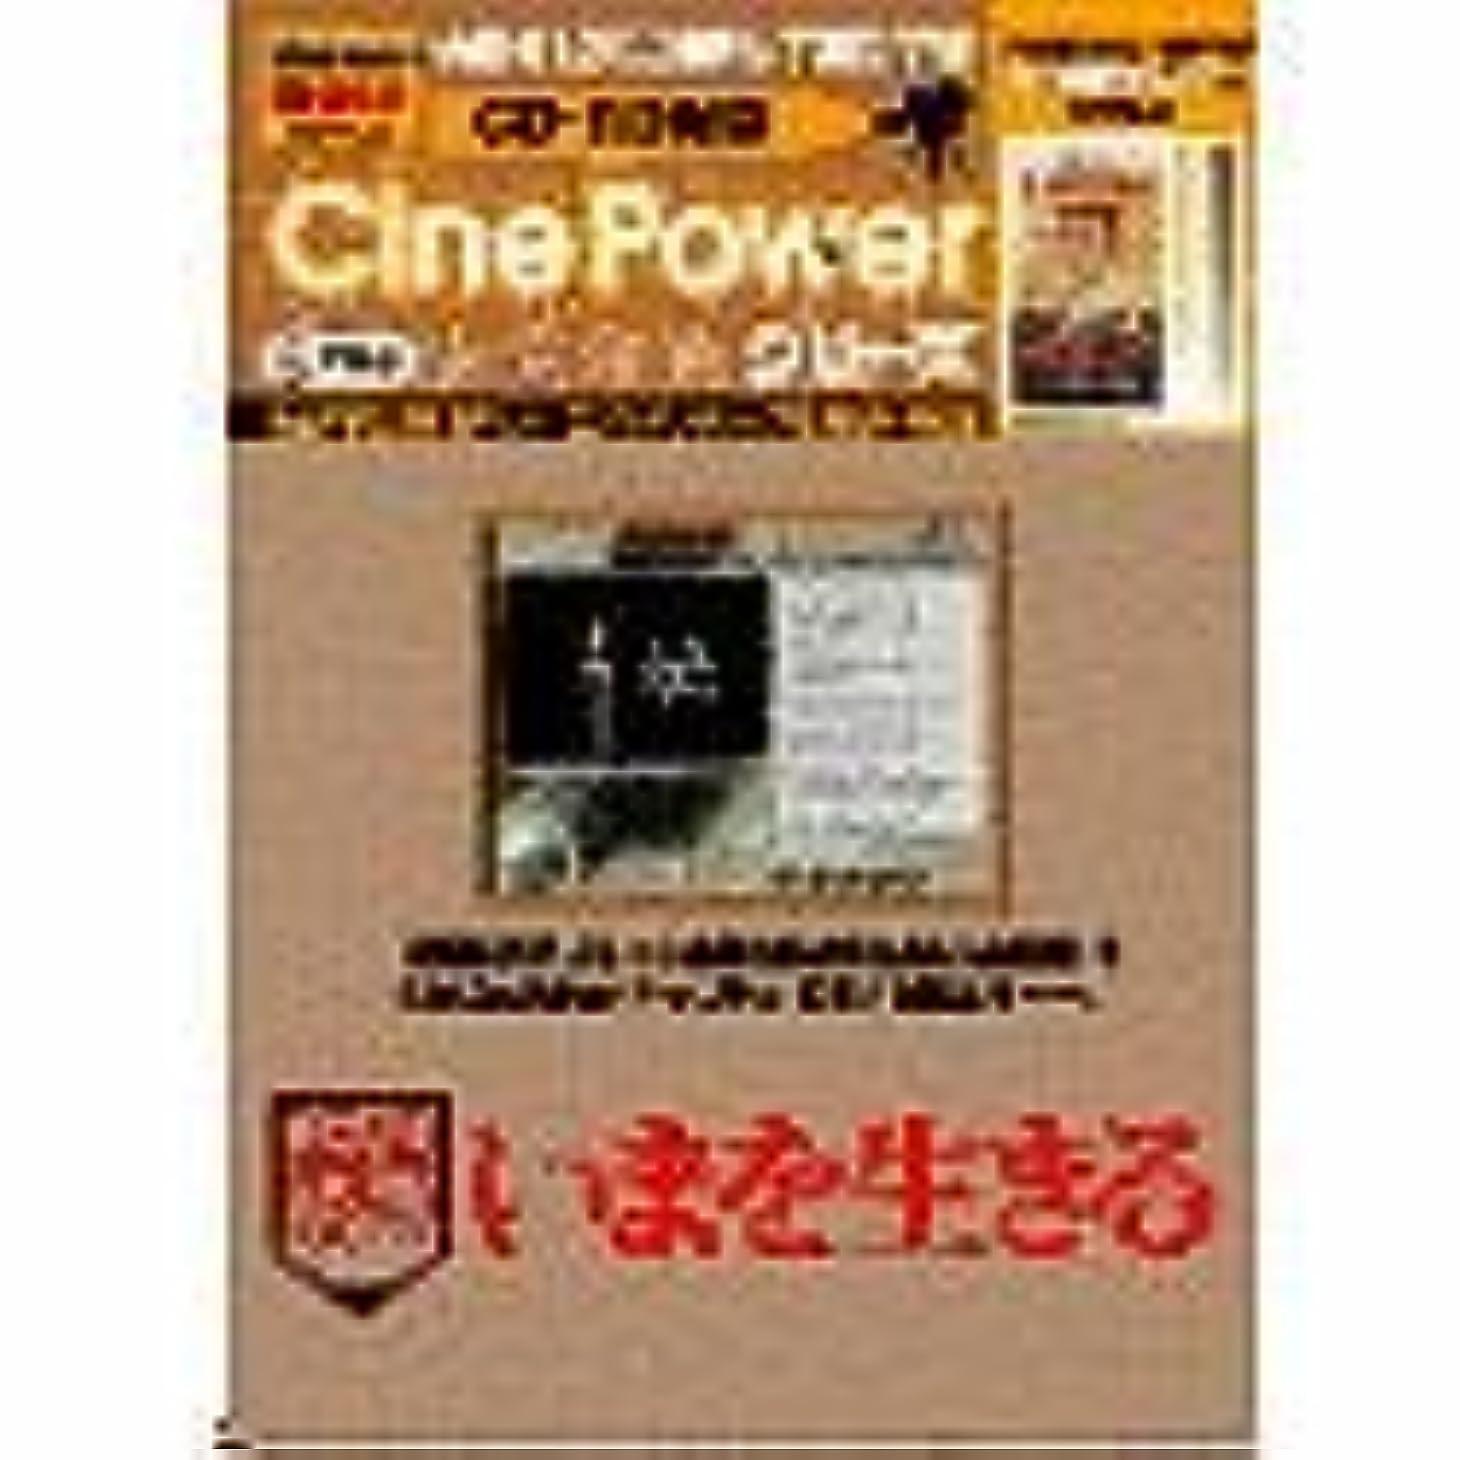 指紋鍔香港CD-ROM版 Cine Powerシリーズ いまを生きる